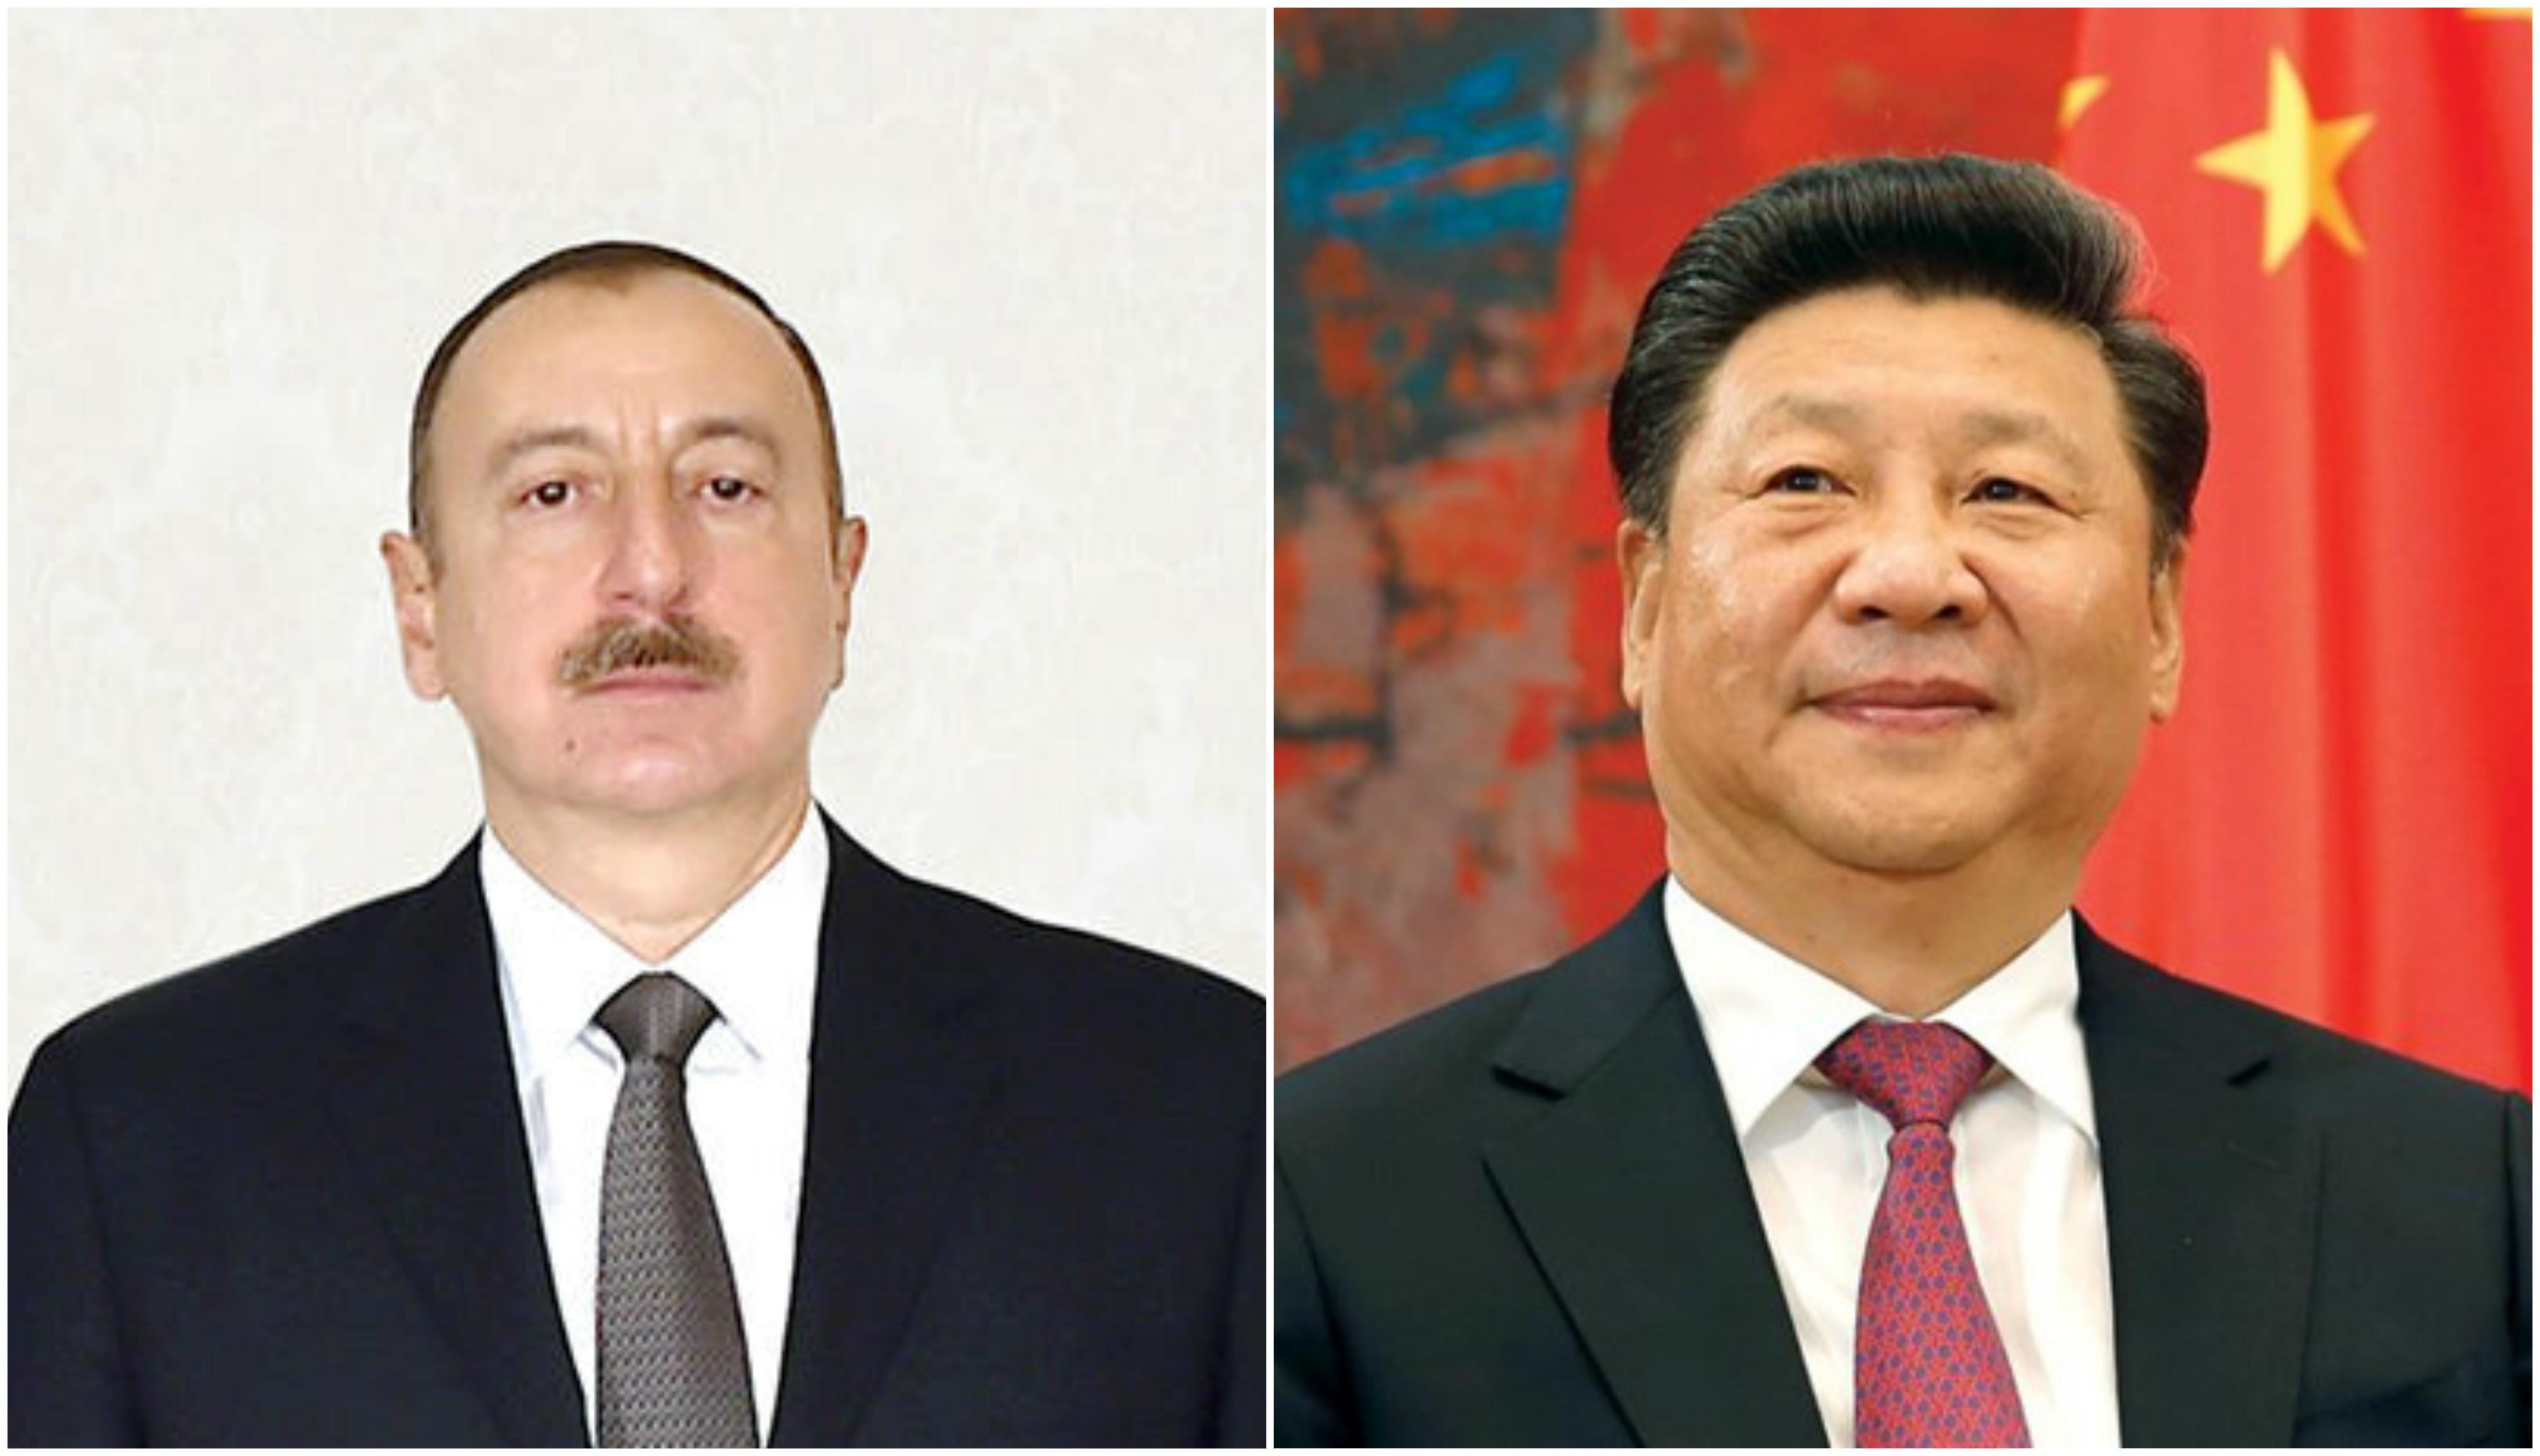 Президент Азербайджана поздравил Си Цзиньпина с избранием на пост председателя Китая